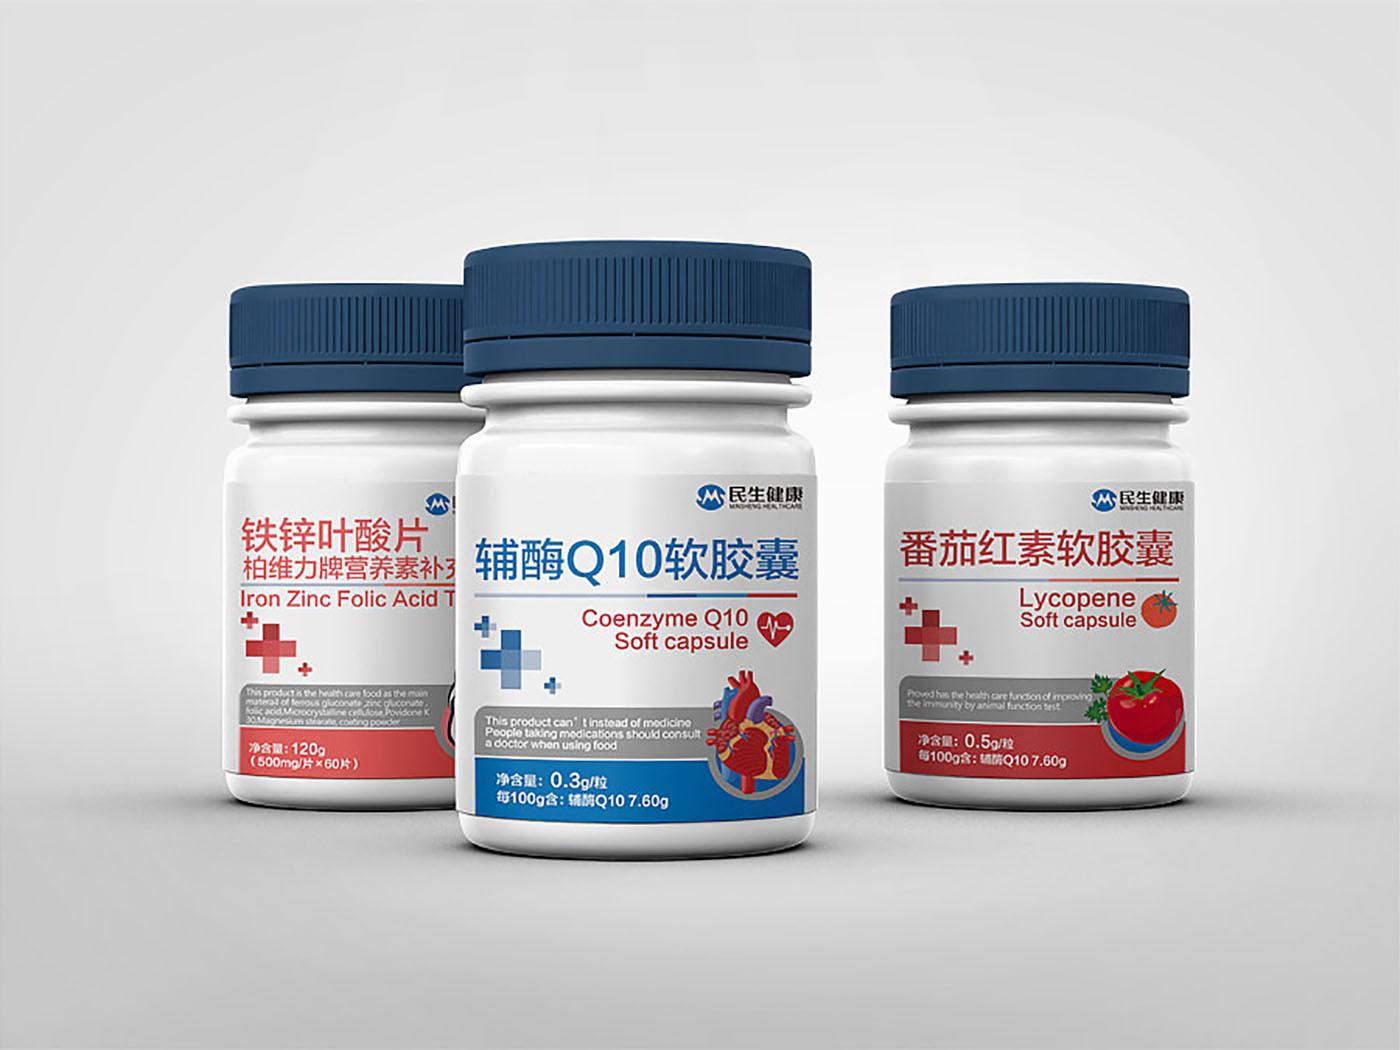 营养素保健品包装设计-营养素保健品包装设计公司